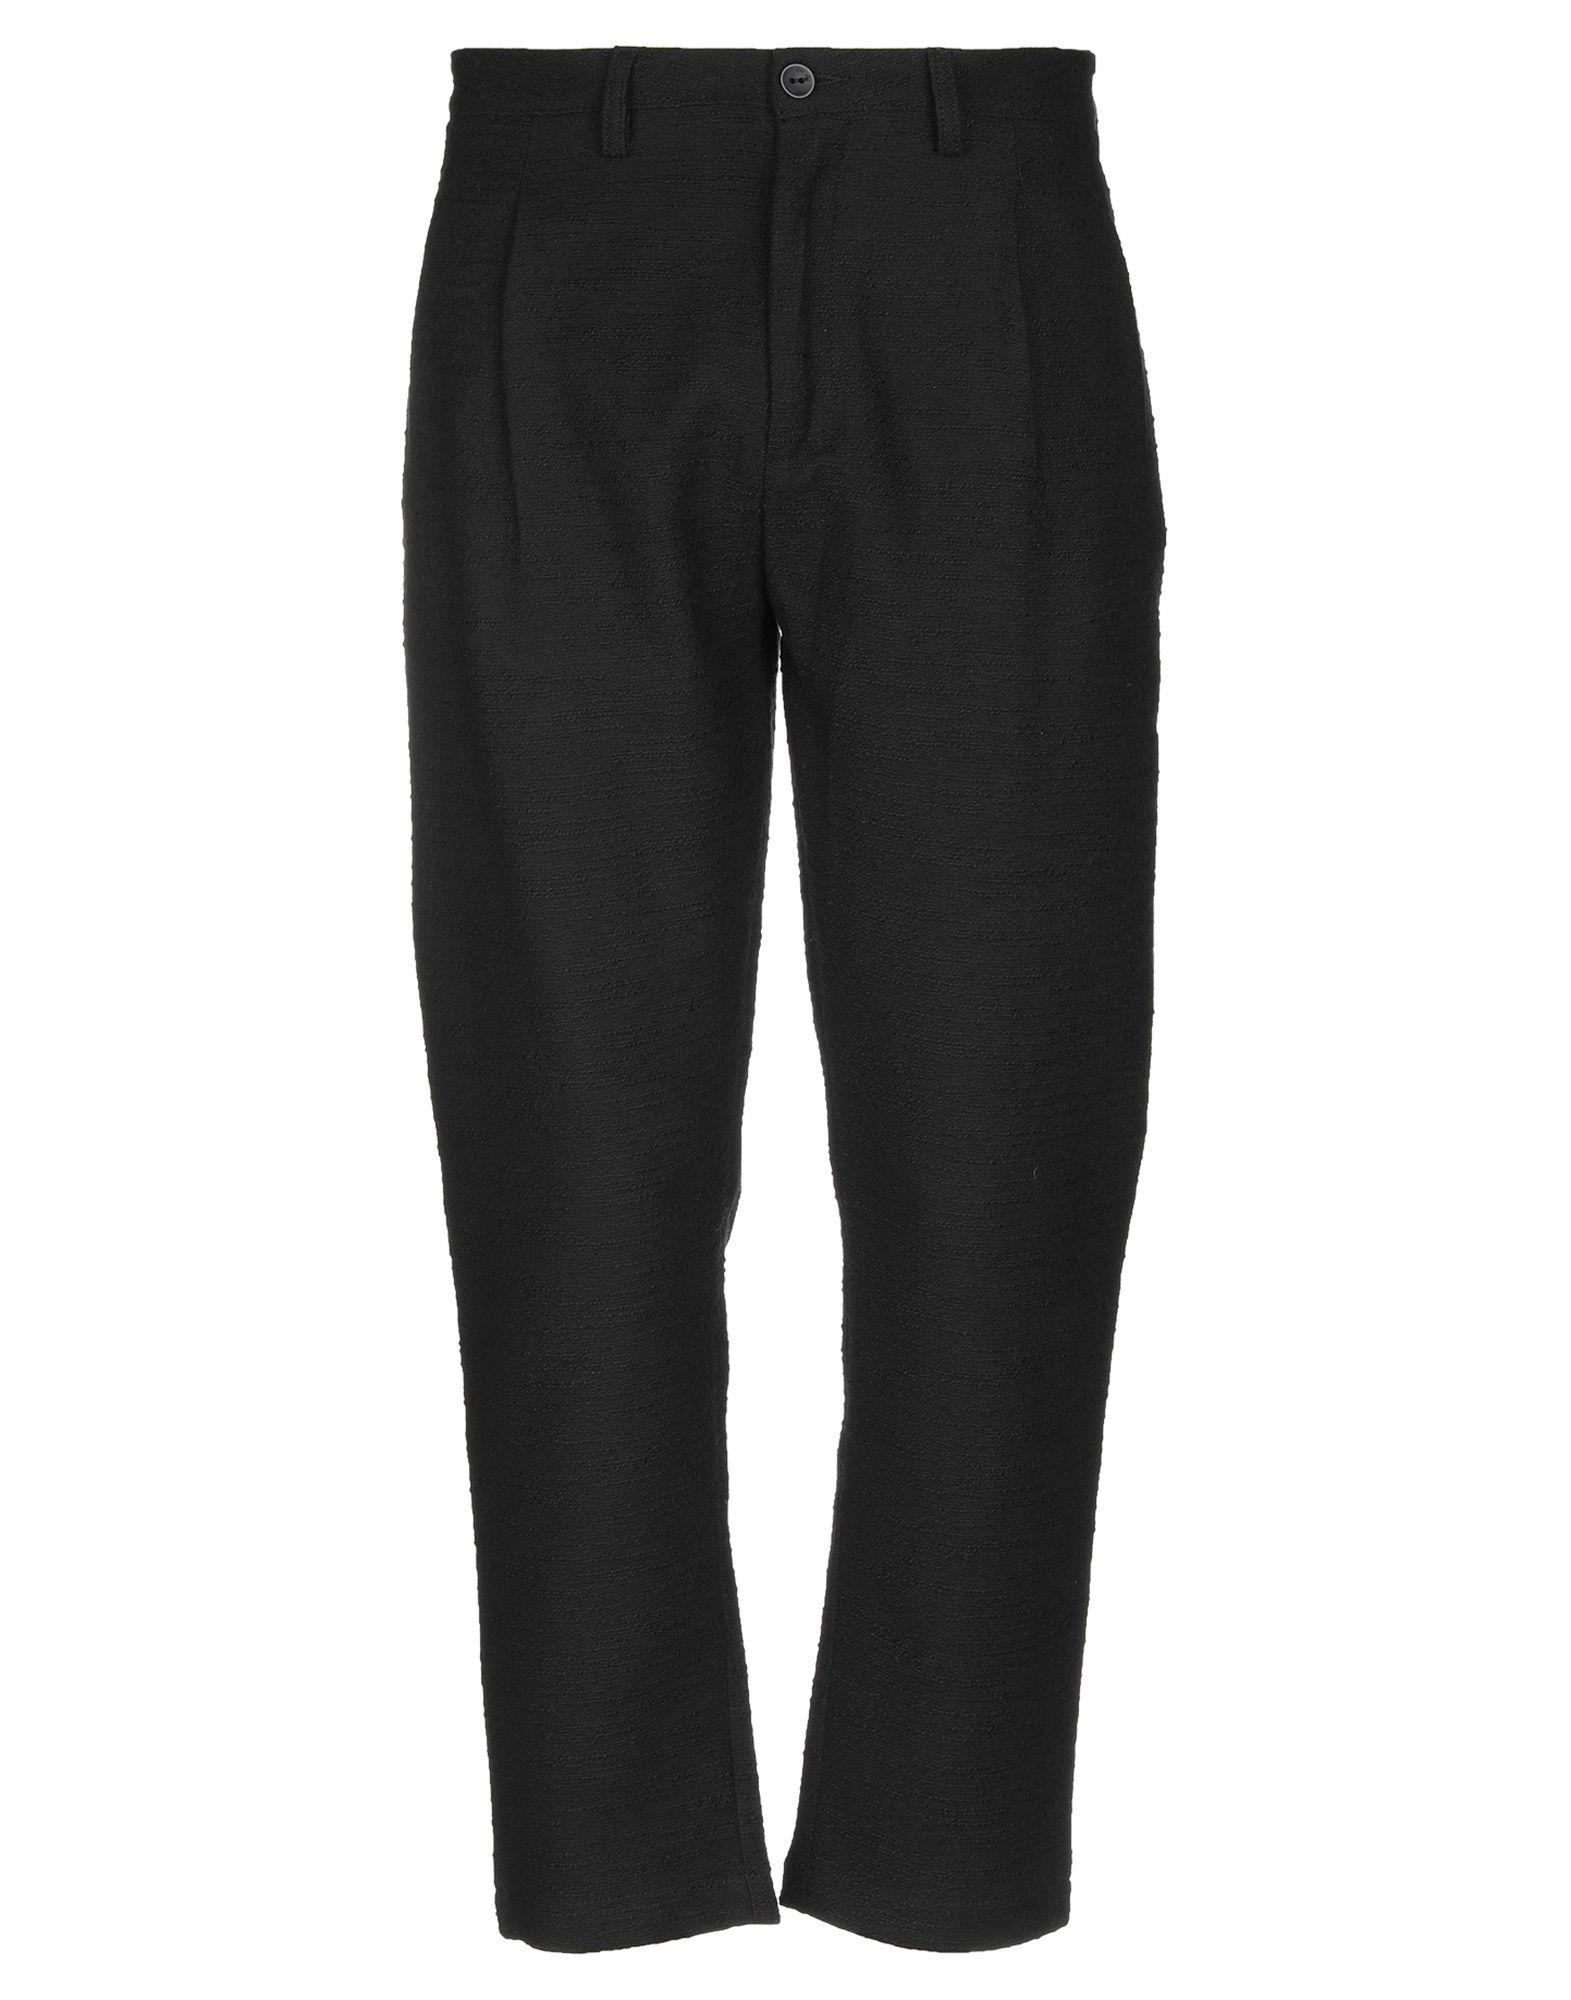 CHOICE NICOLA PELINGA Повседневные брюки цена 2017